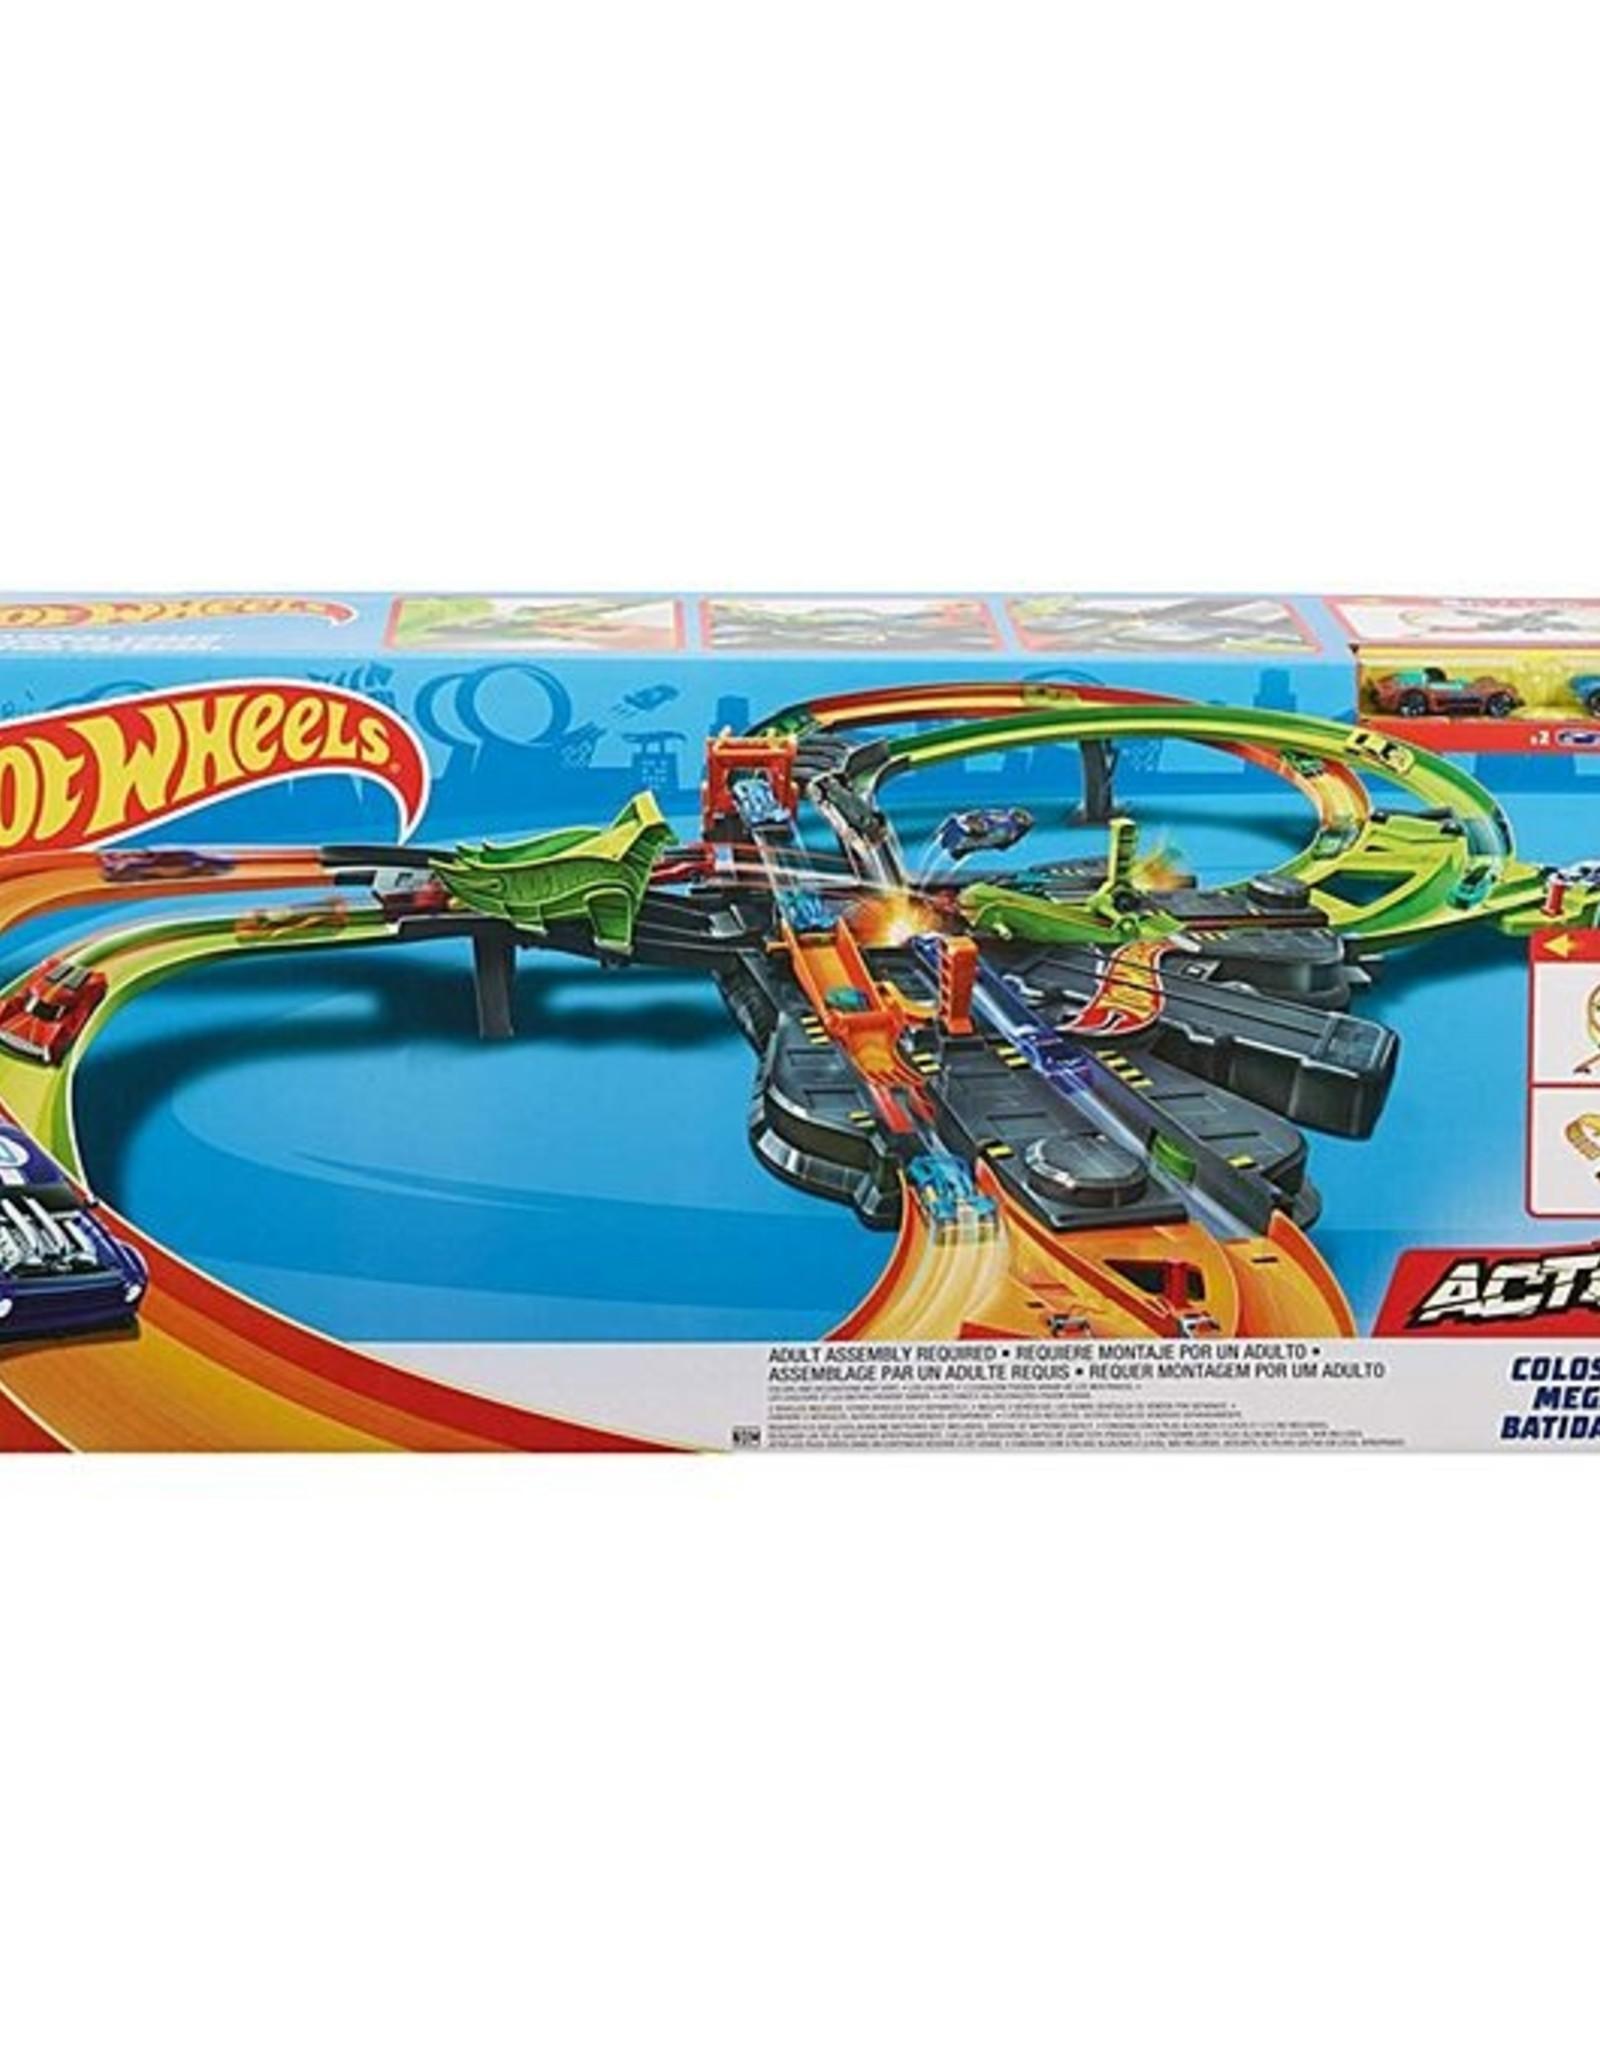 Hot Wheels Hot Wheel Colossal Crash